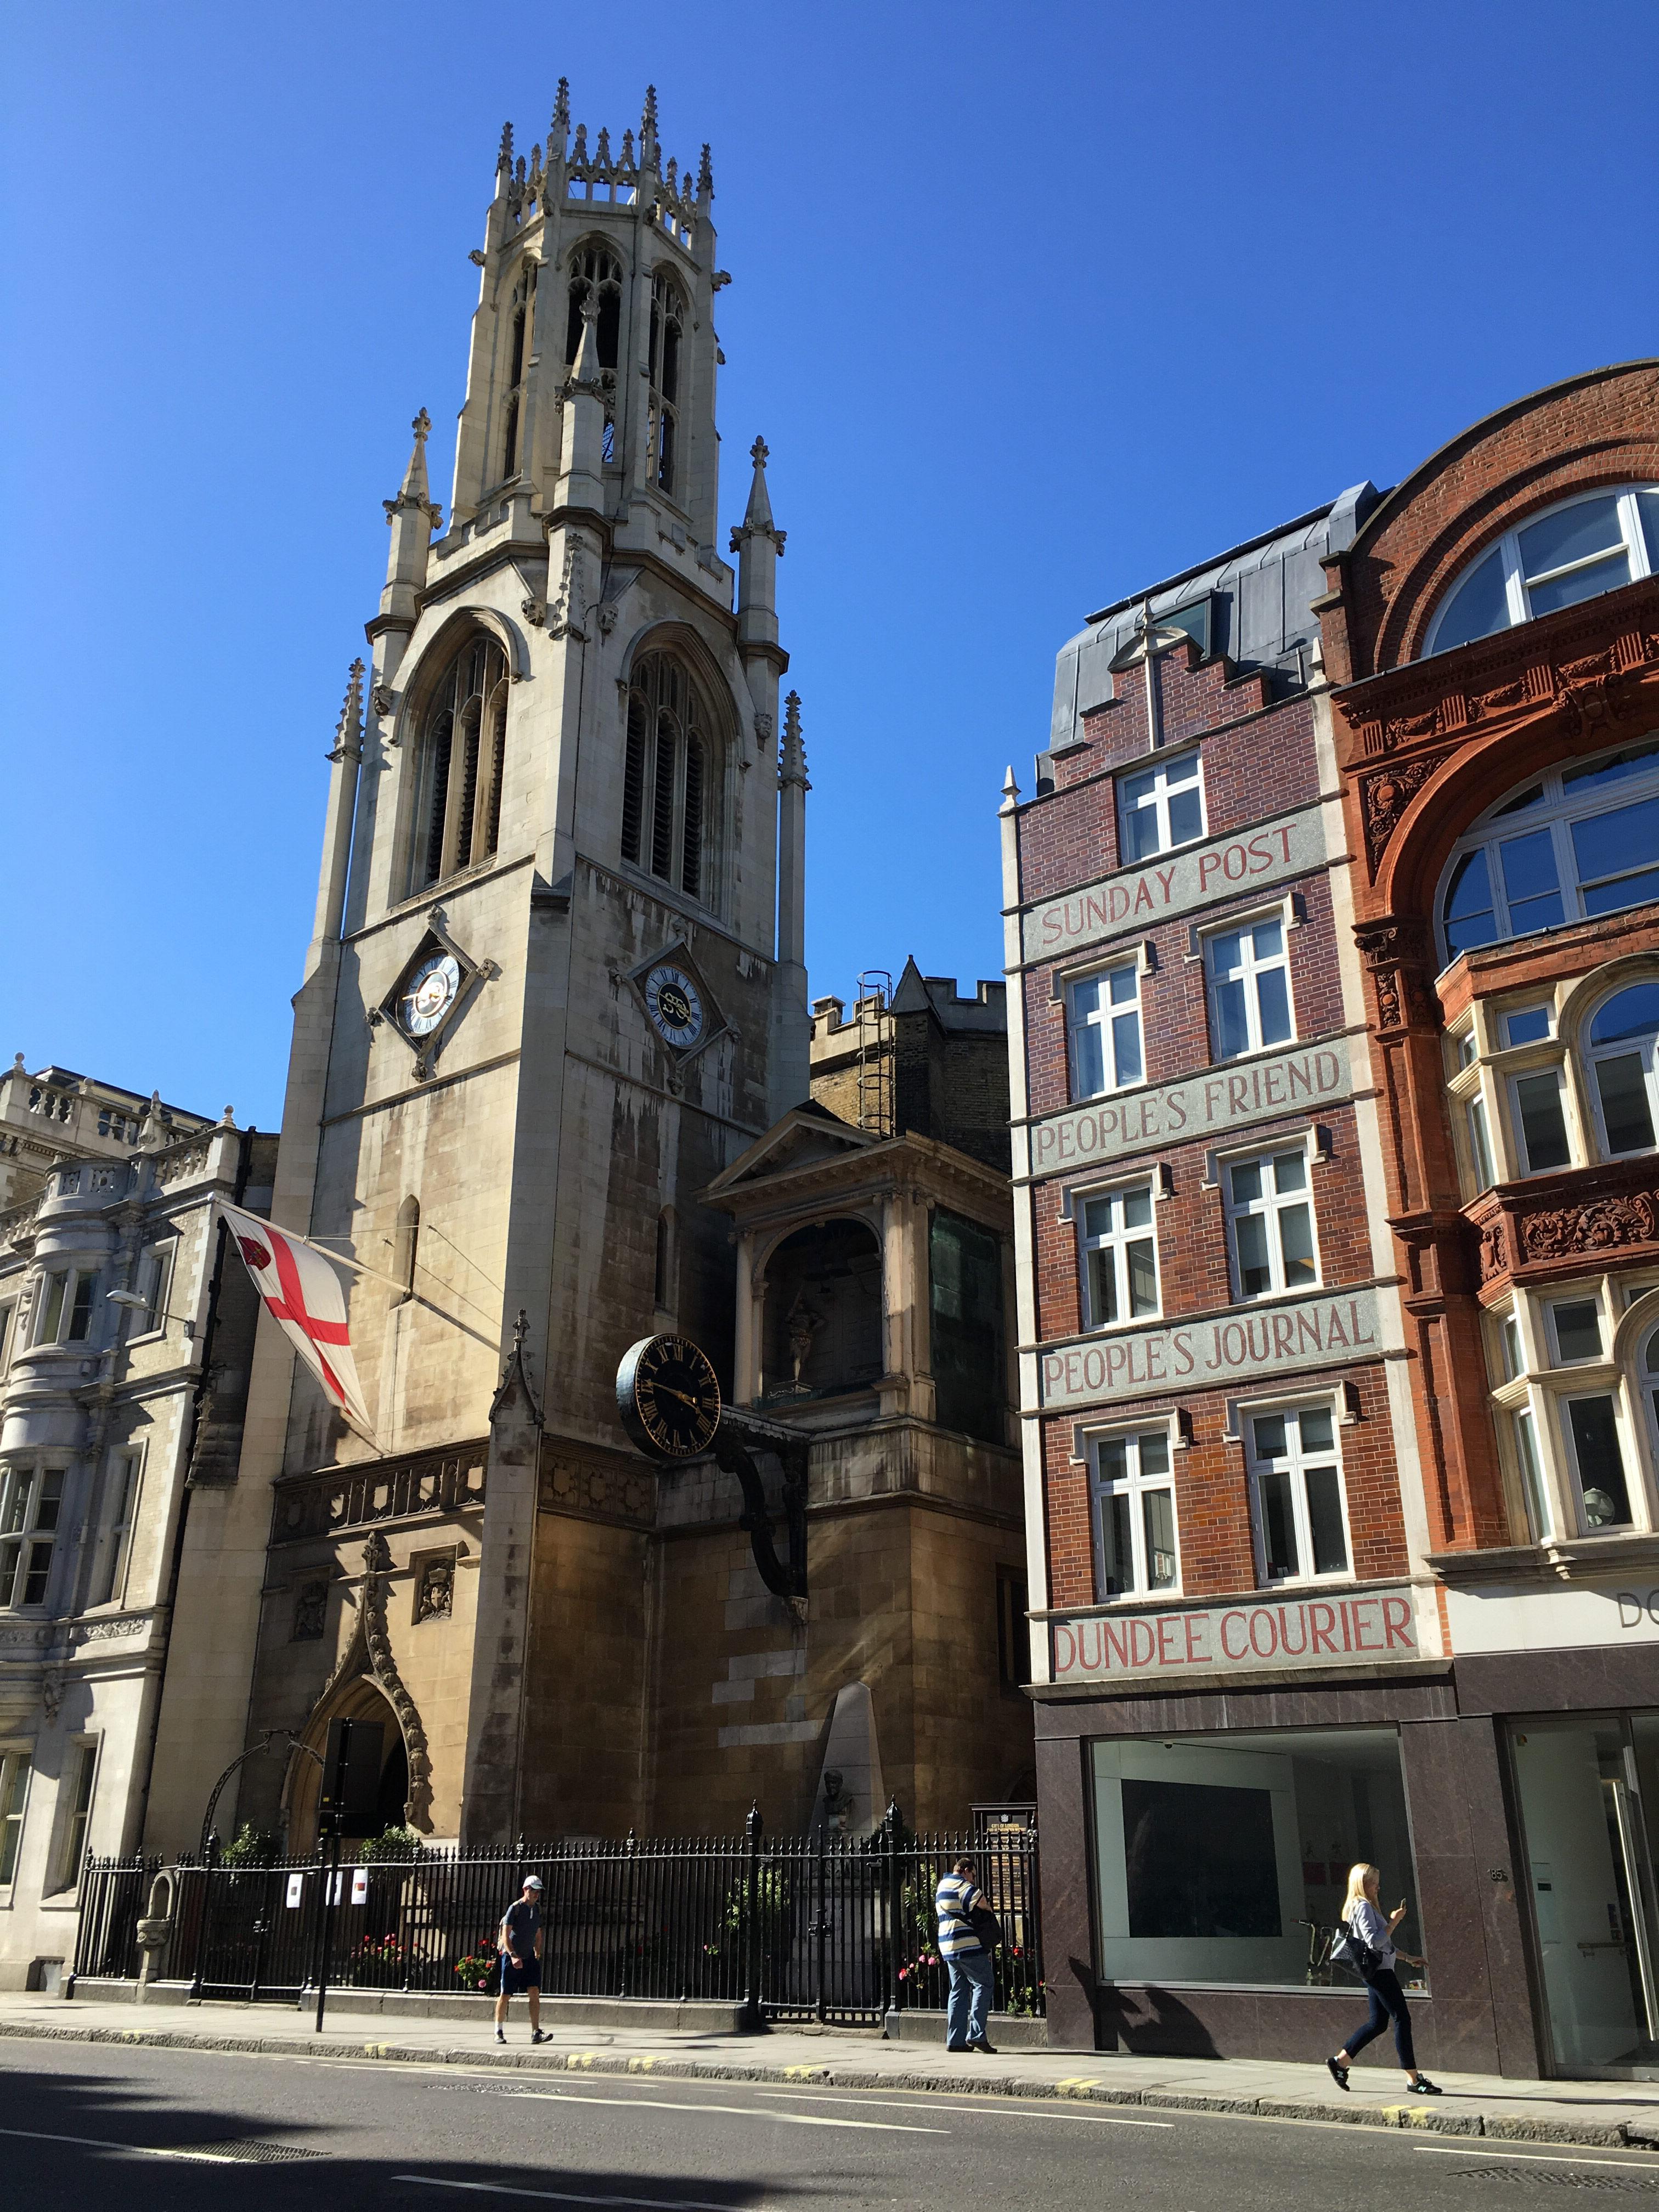 186 Fleet Street, home of Sweeney Todd, and St Dunstan in the West